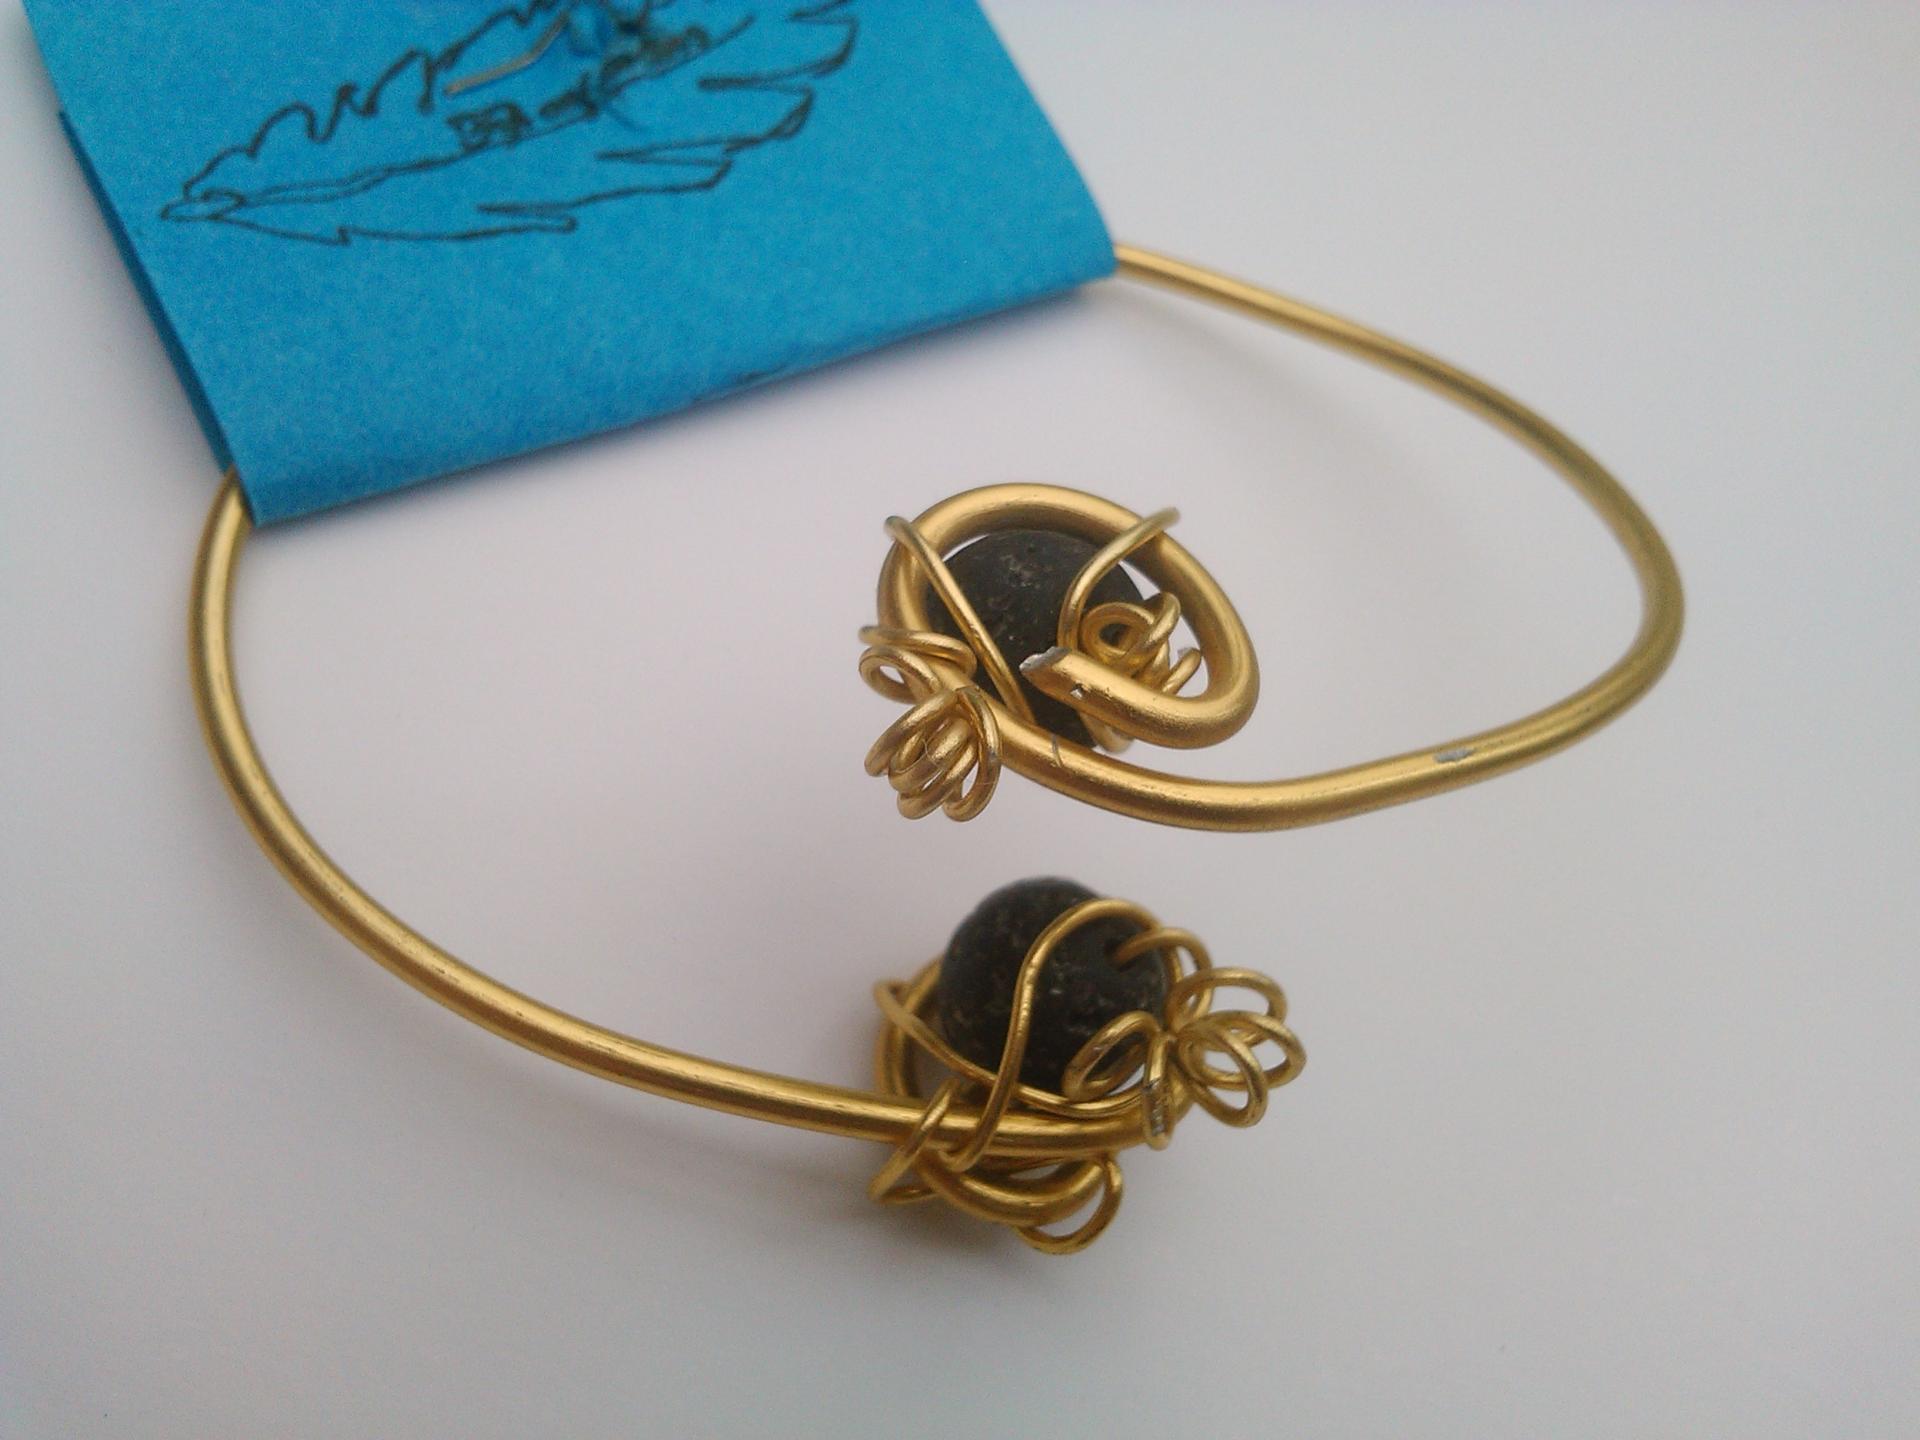 Parure bracelet charles qualite materiaux precieux fantaisie perles de qualite fils tresses couleurs travaillees main pieces de dentelle brodees main fifi au jardin precious png